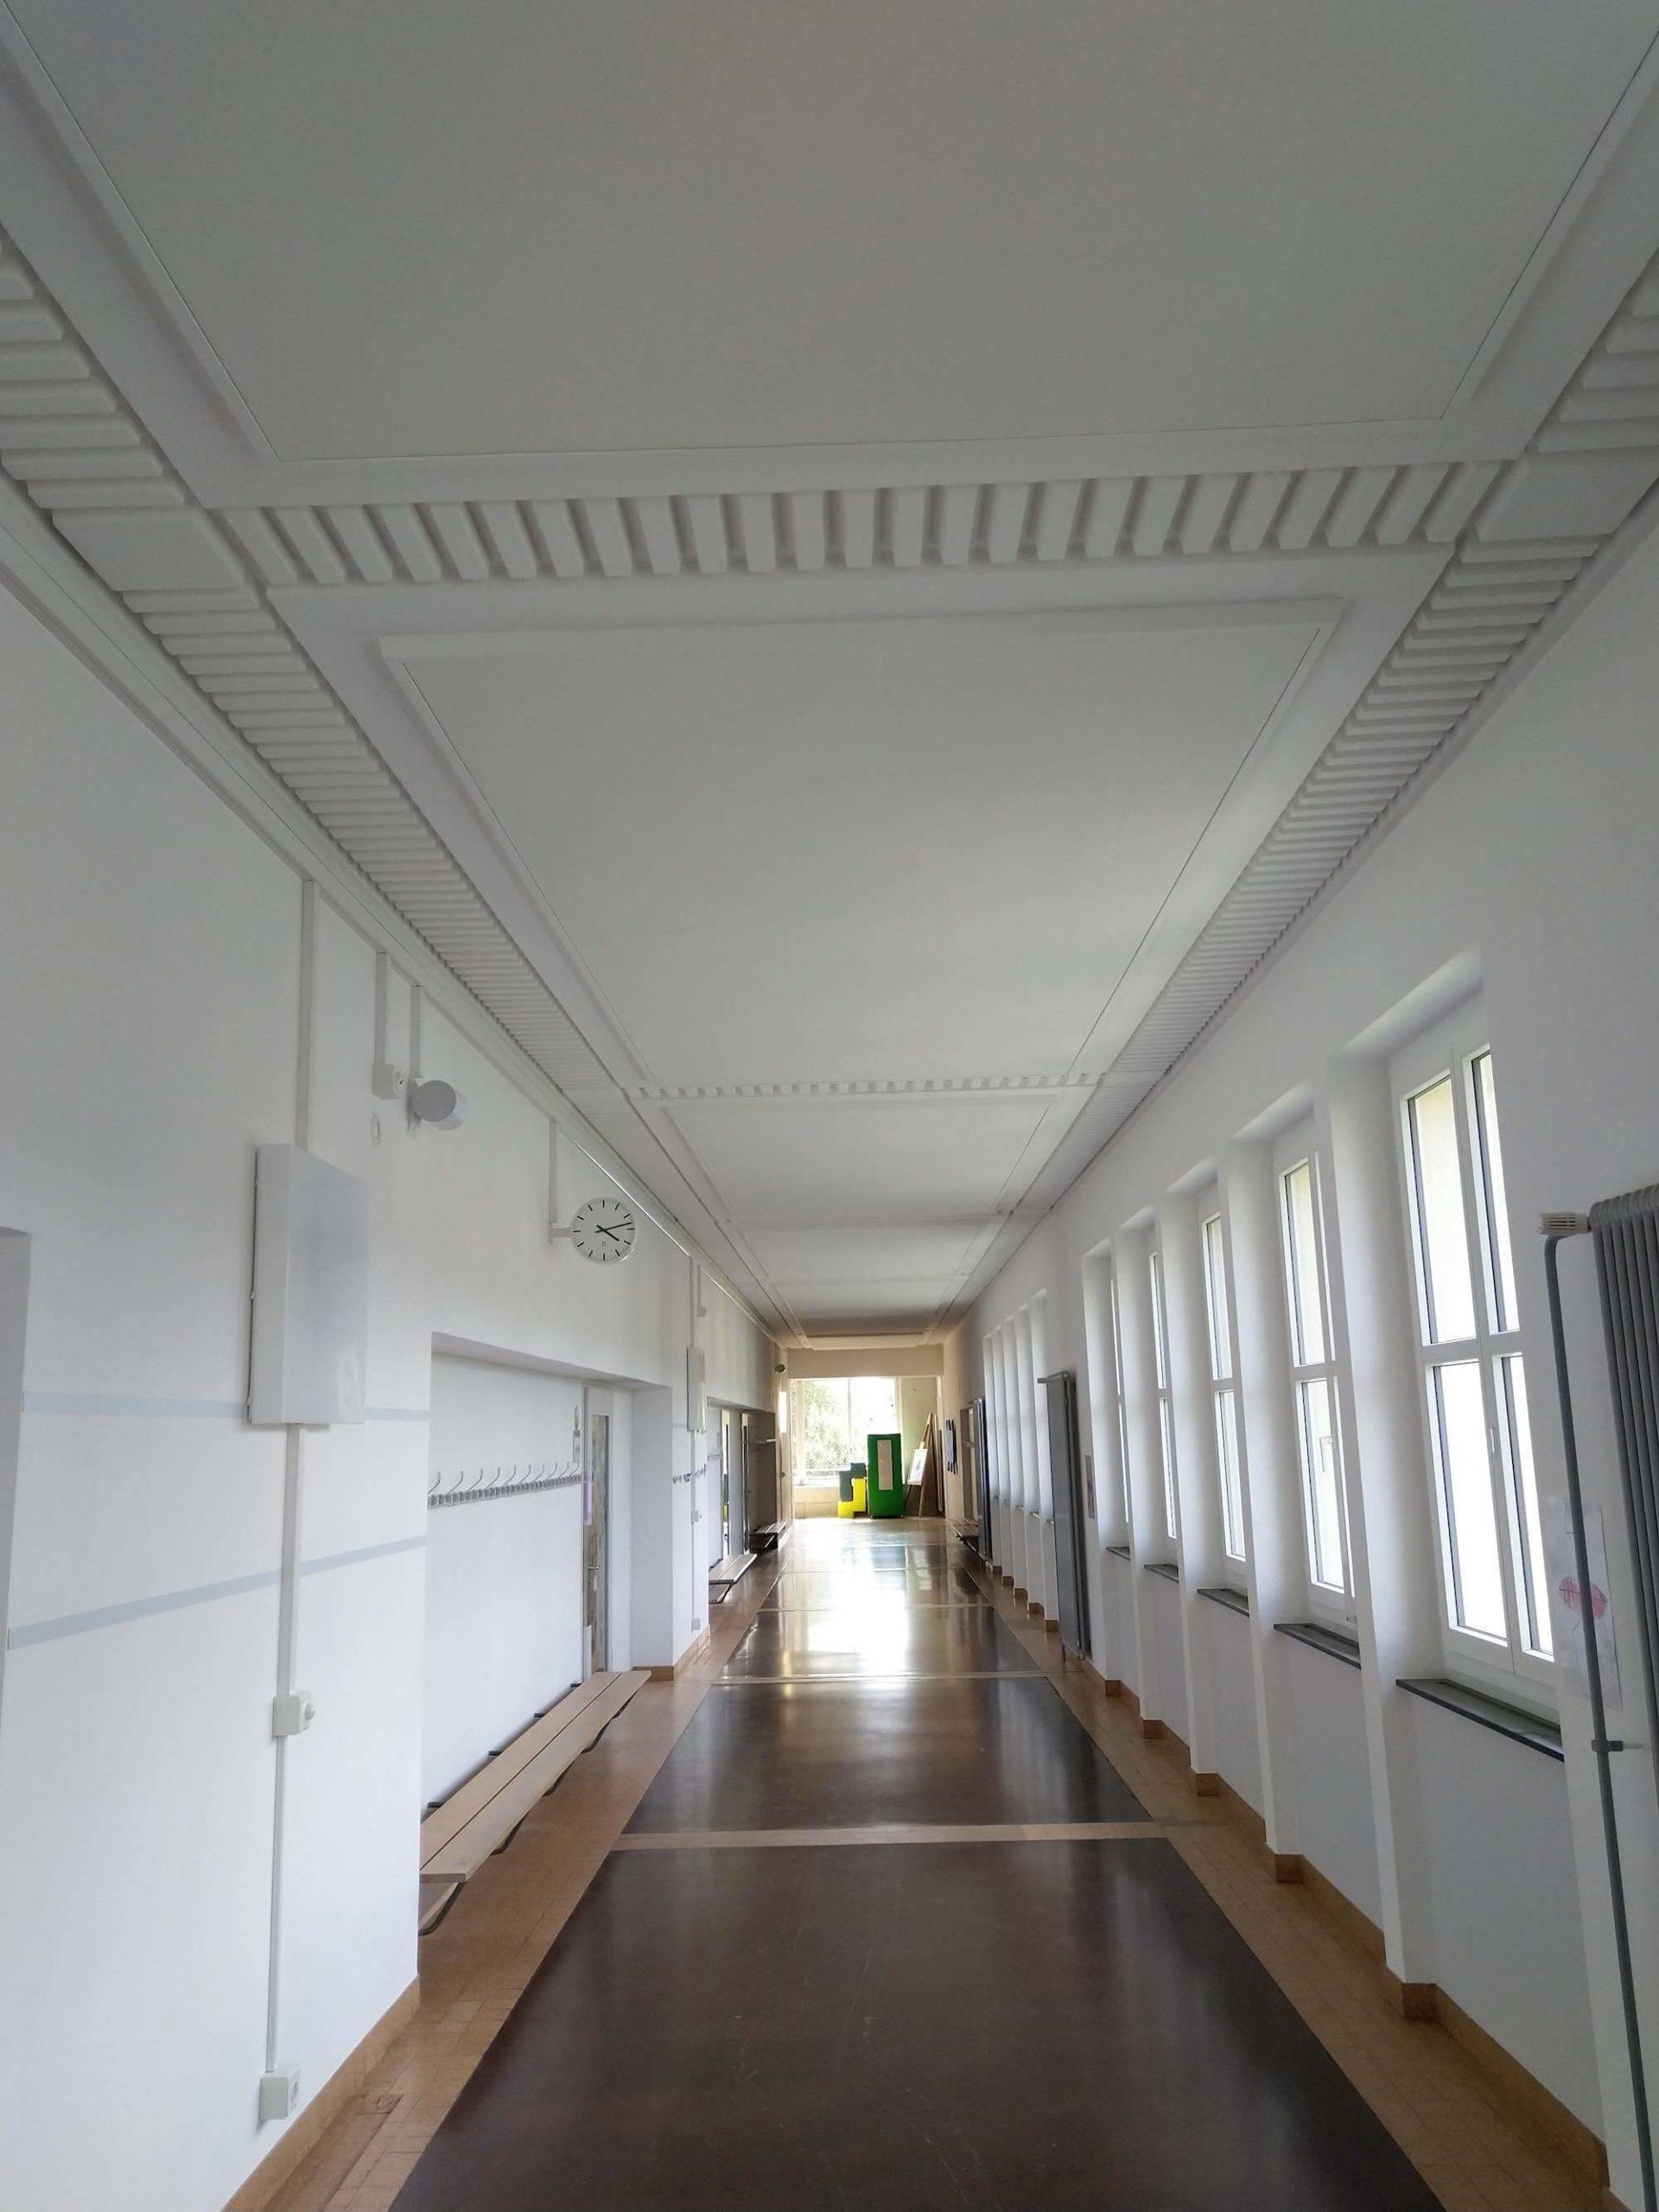 Akustikdecke für bessere Raumakustik in einem Schulhaus, Viktor Wyss AG in Flumenthal, Solothurn